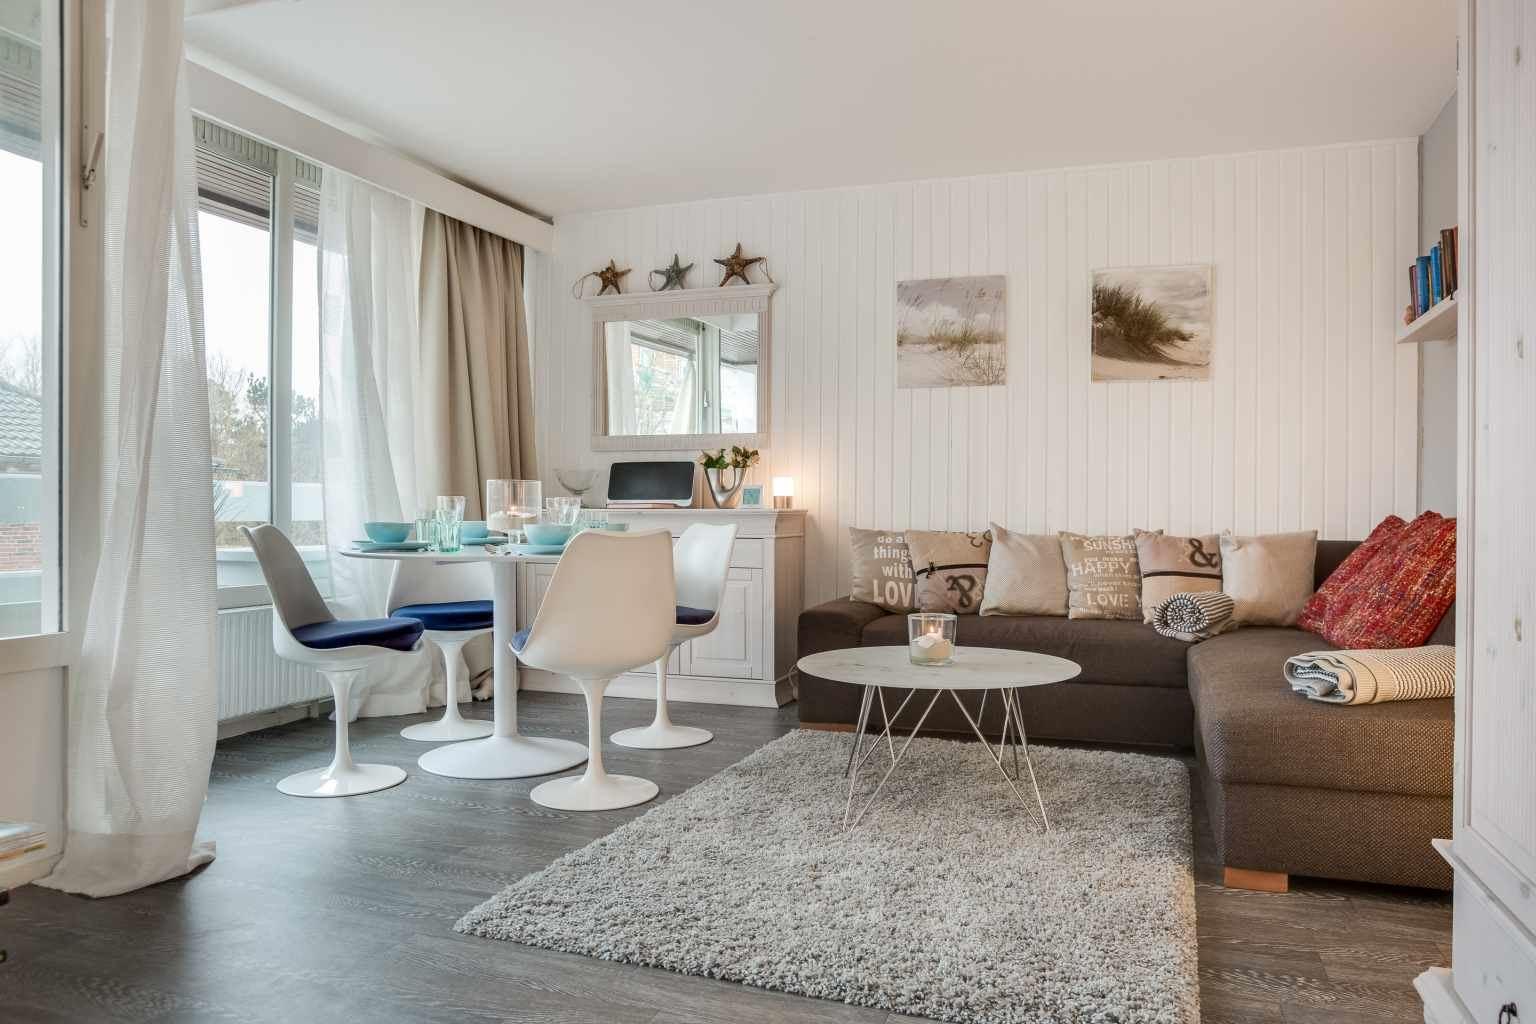 Wohnzimmer - Haus Loreley, Wohnung 26, Im Bad 37, St. Peter-Bad